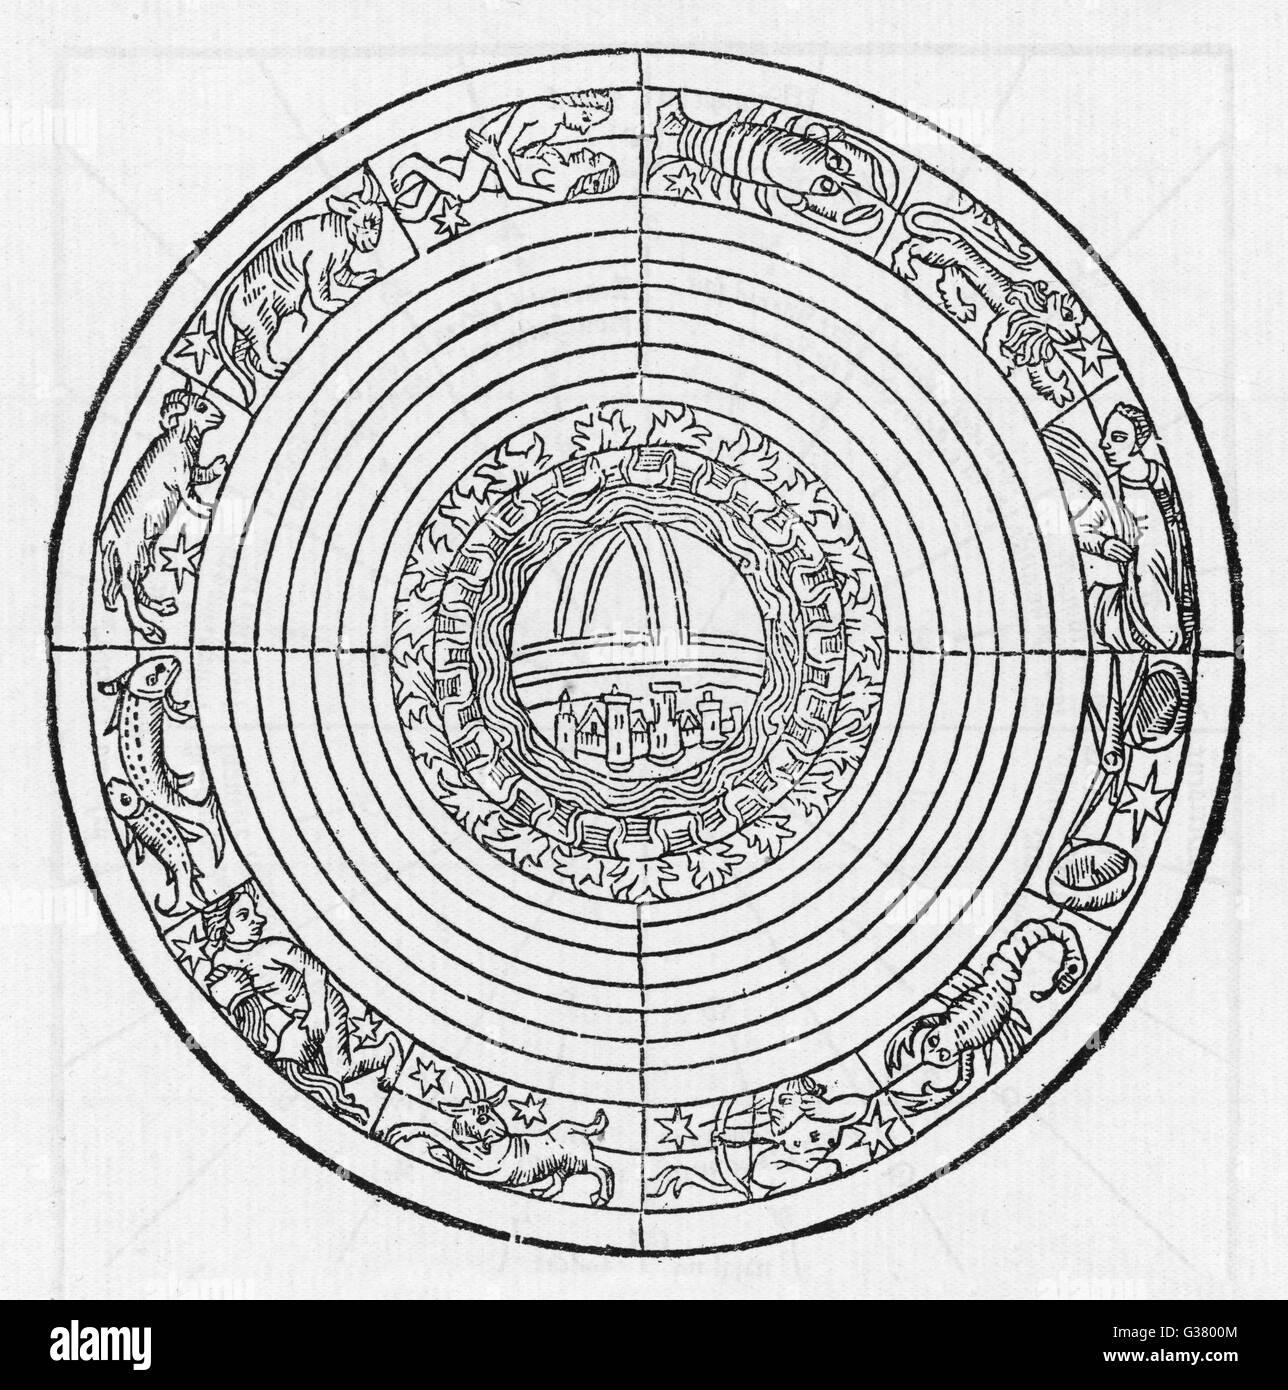 Les douze signes tourner autour de la terre central Date: le 16e siècle Photo Stock